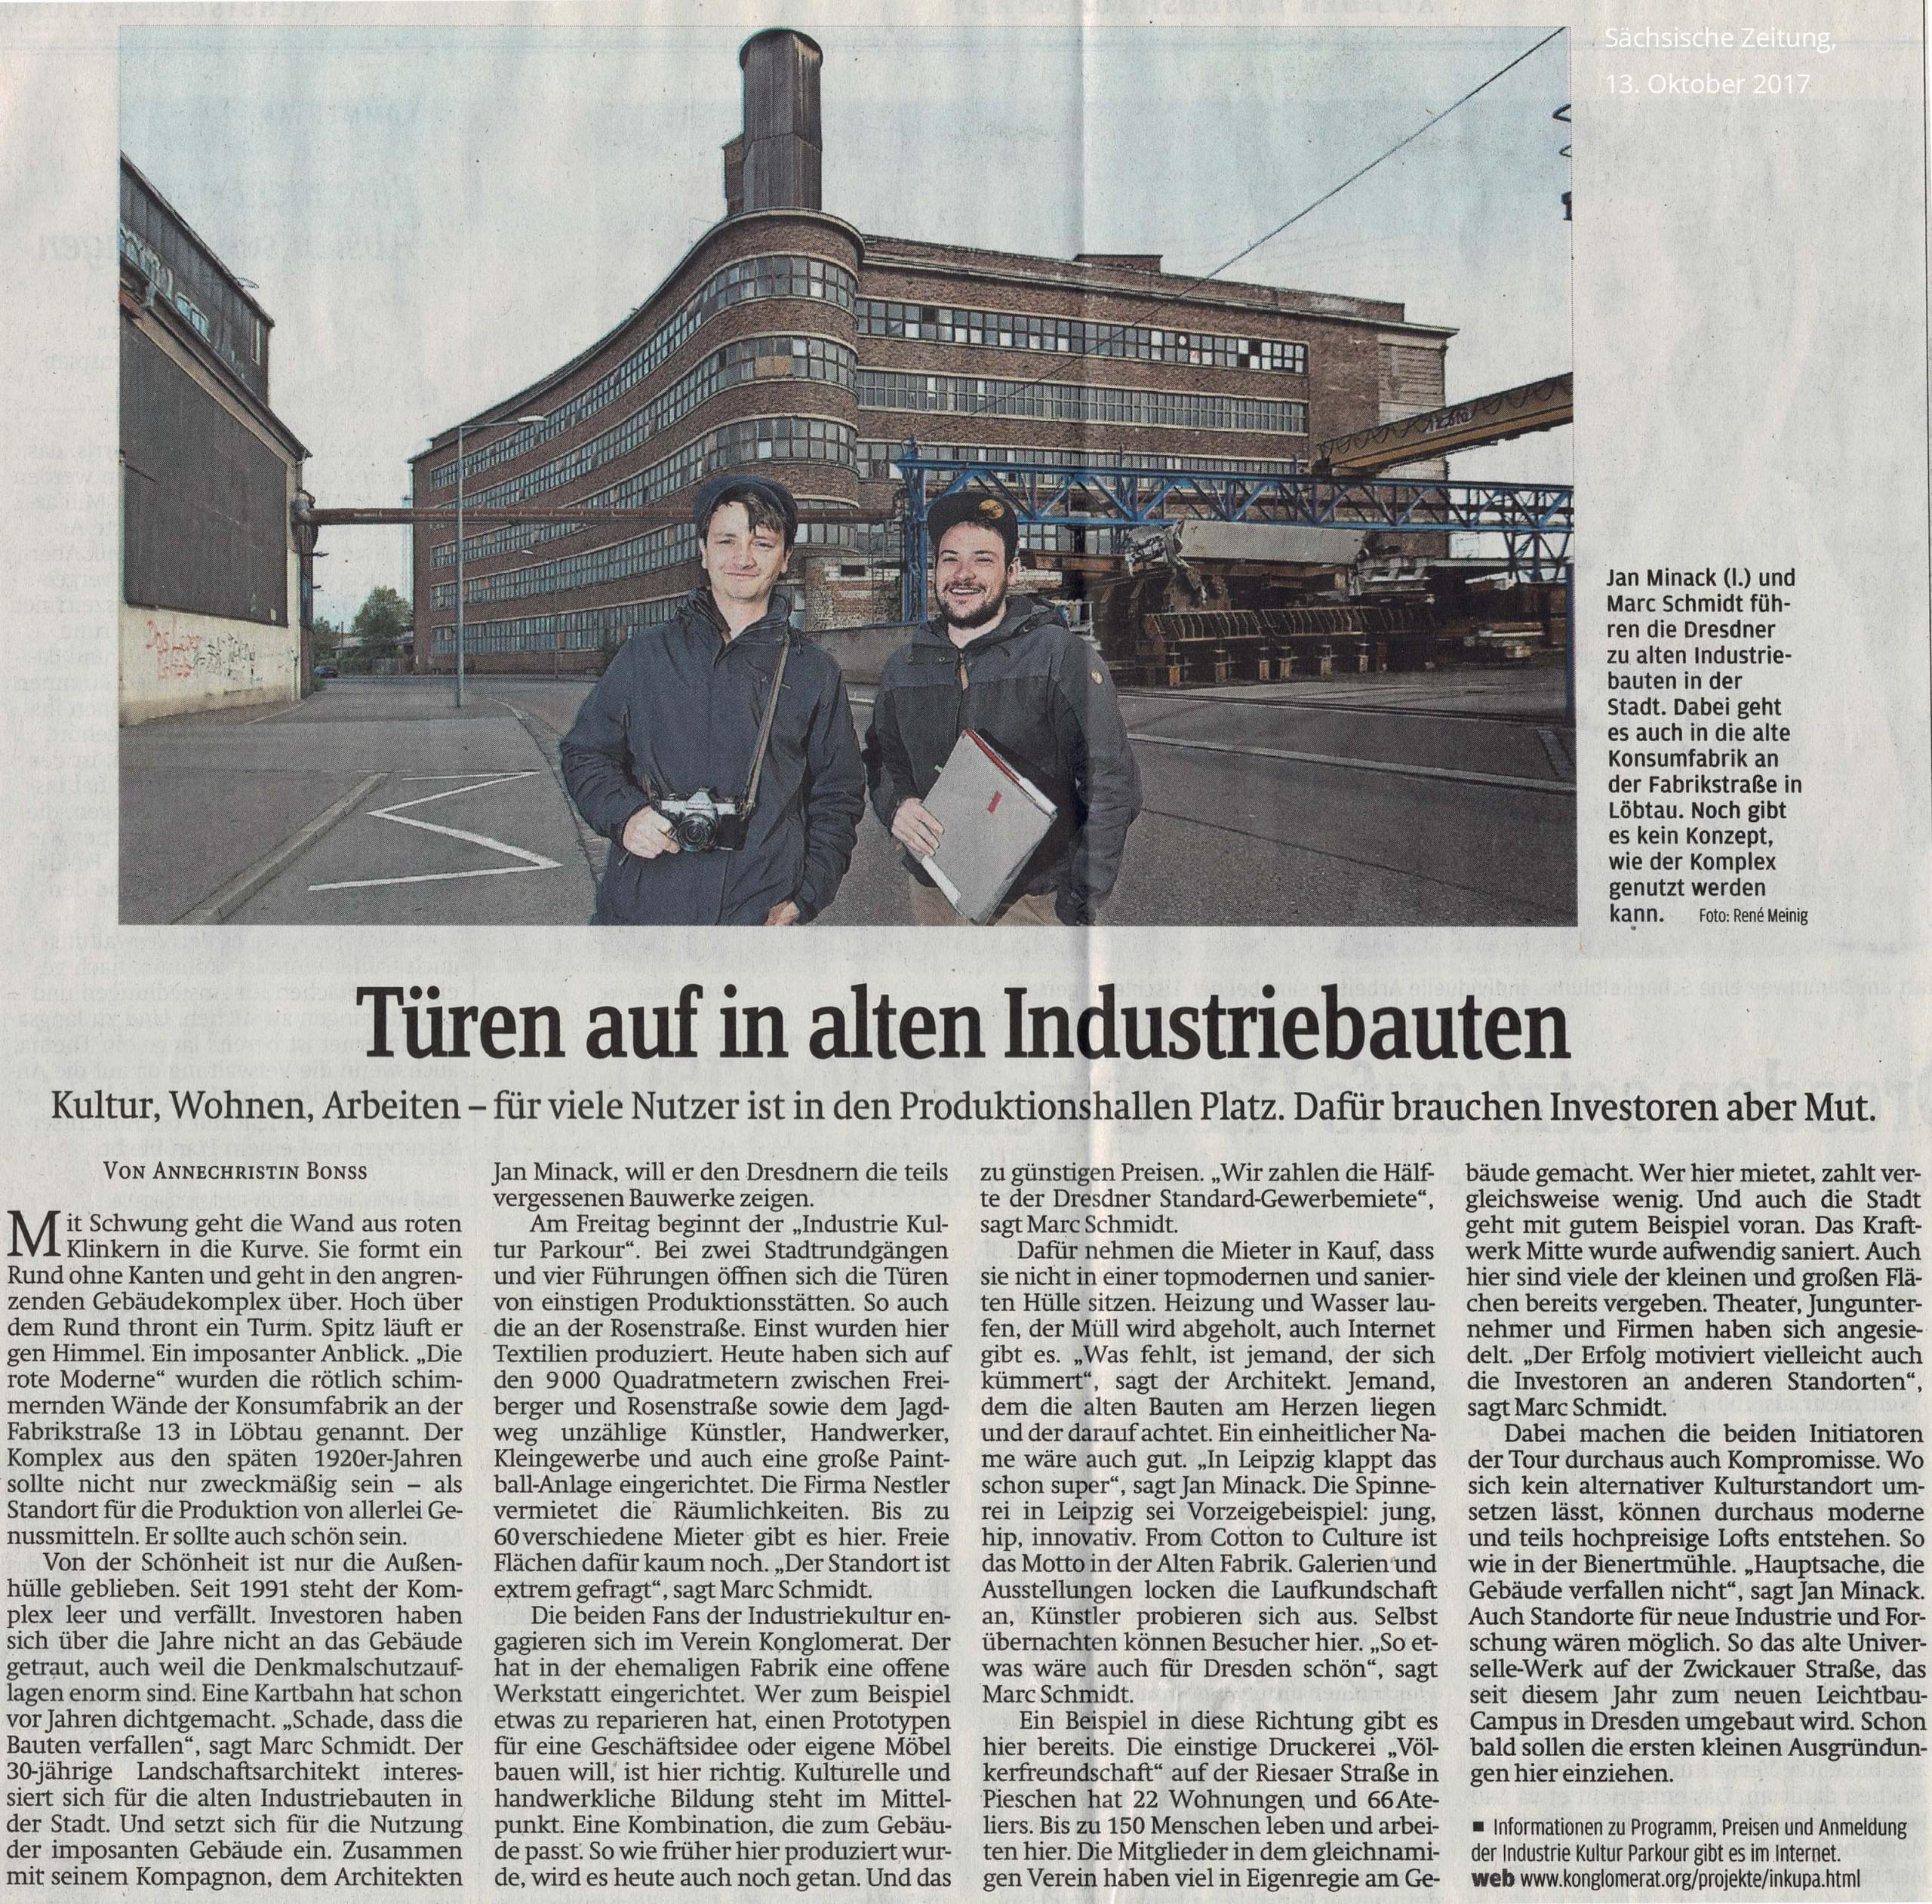 Artikel aus der Sächsischen Zeitung vom 13. Oktober 2017